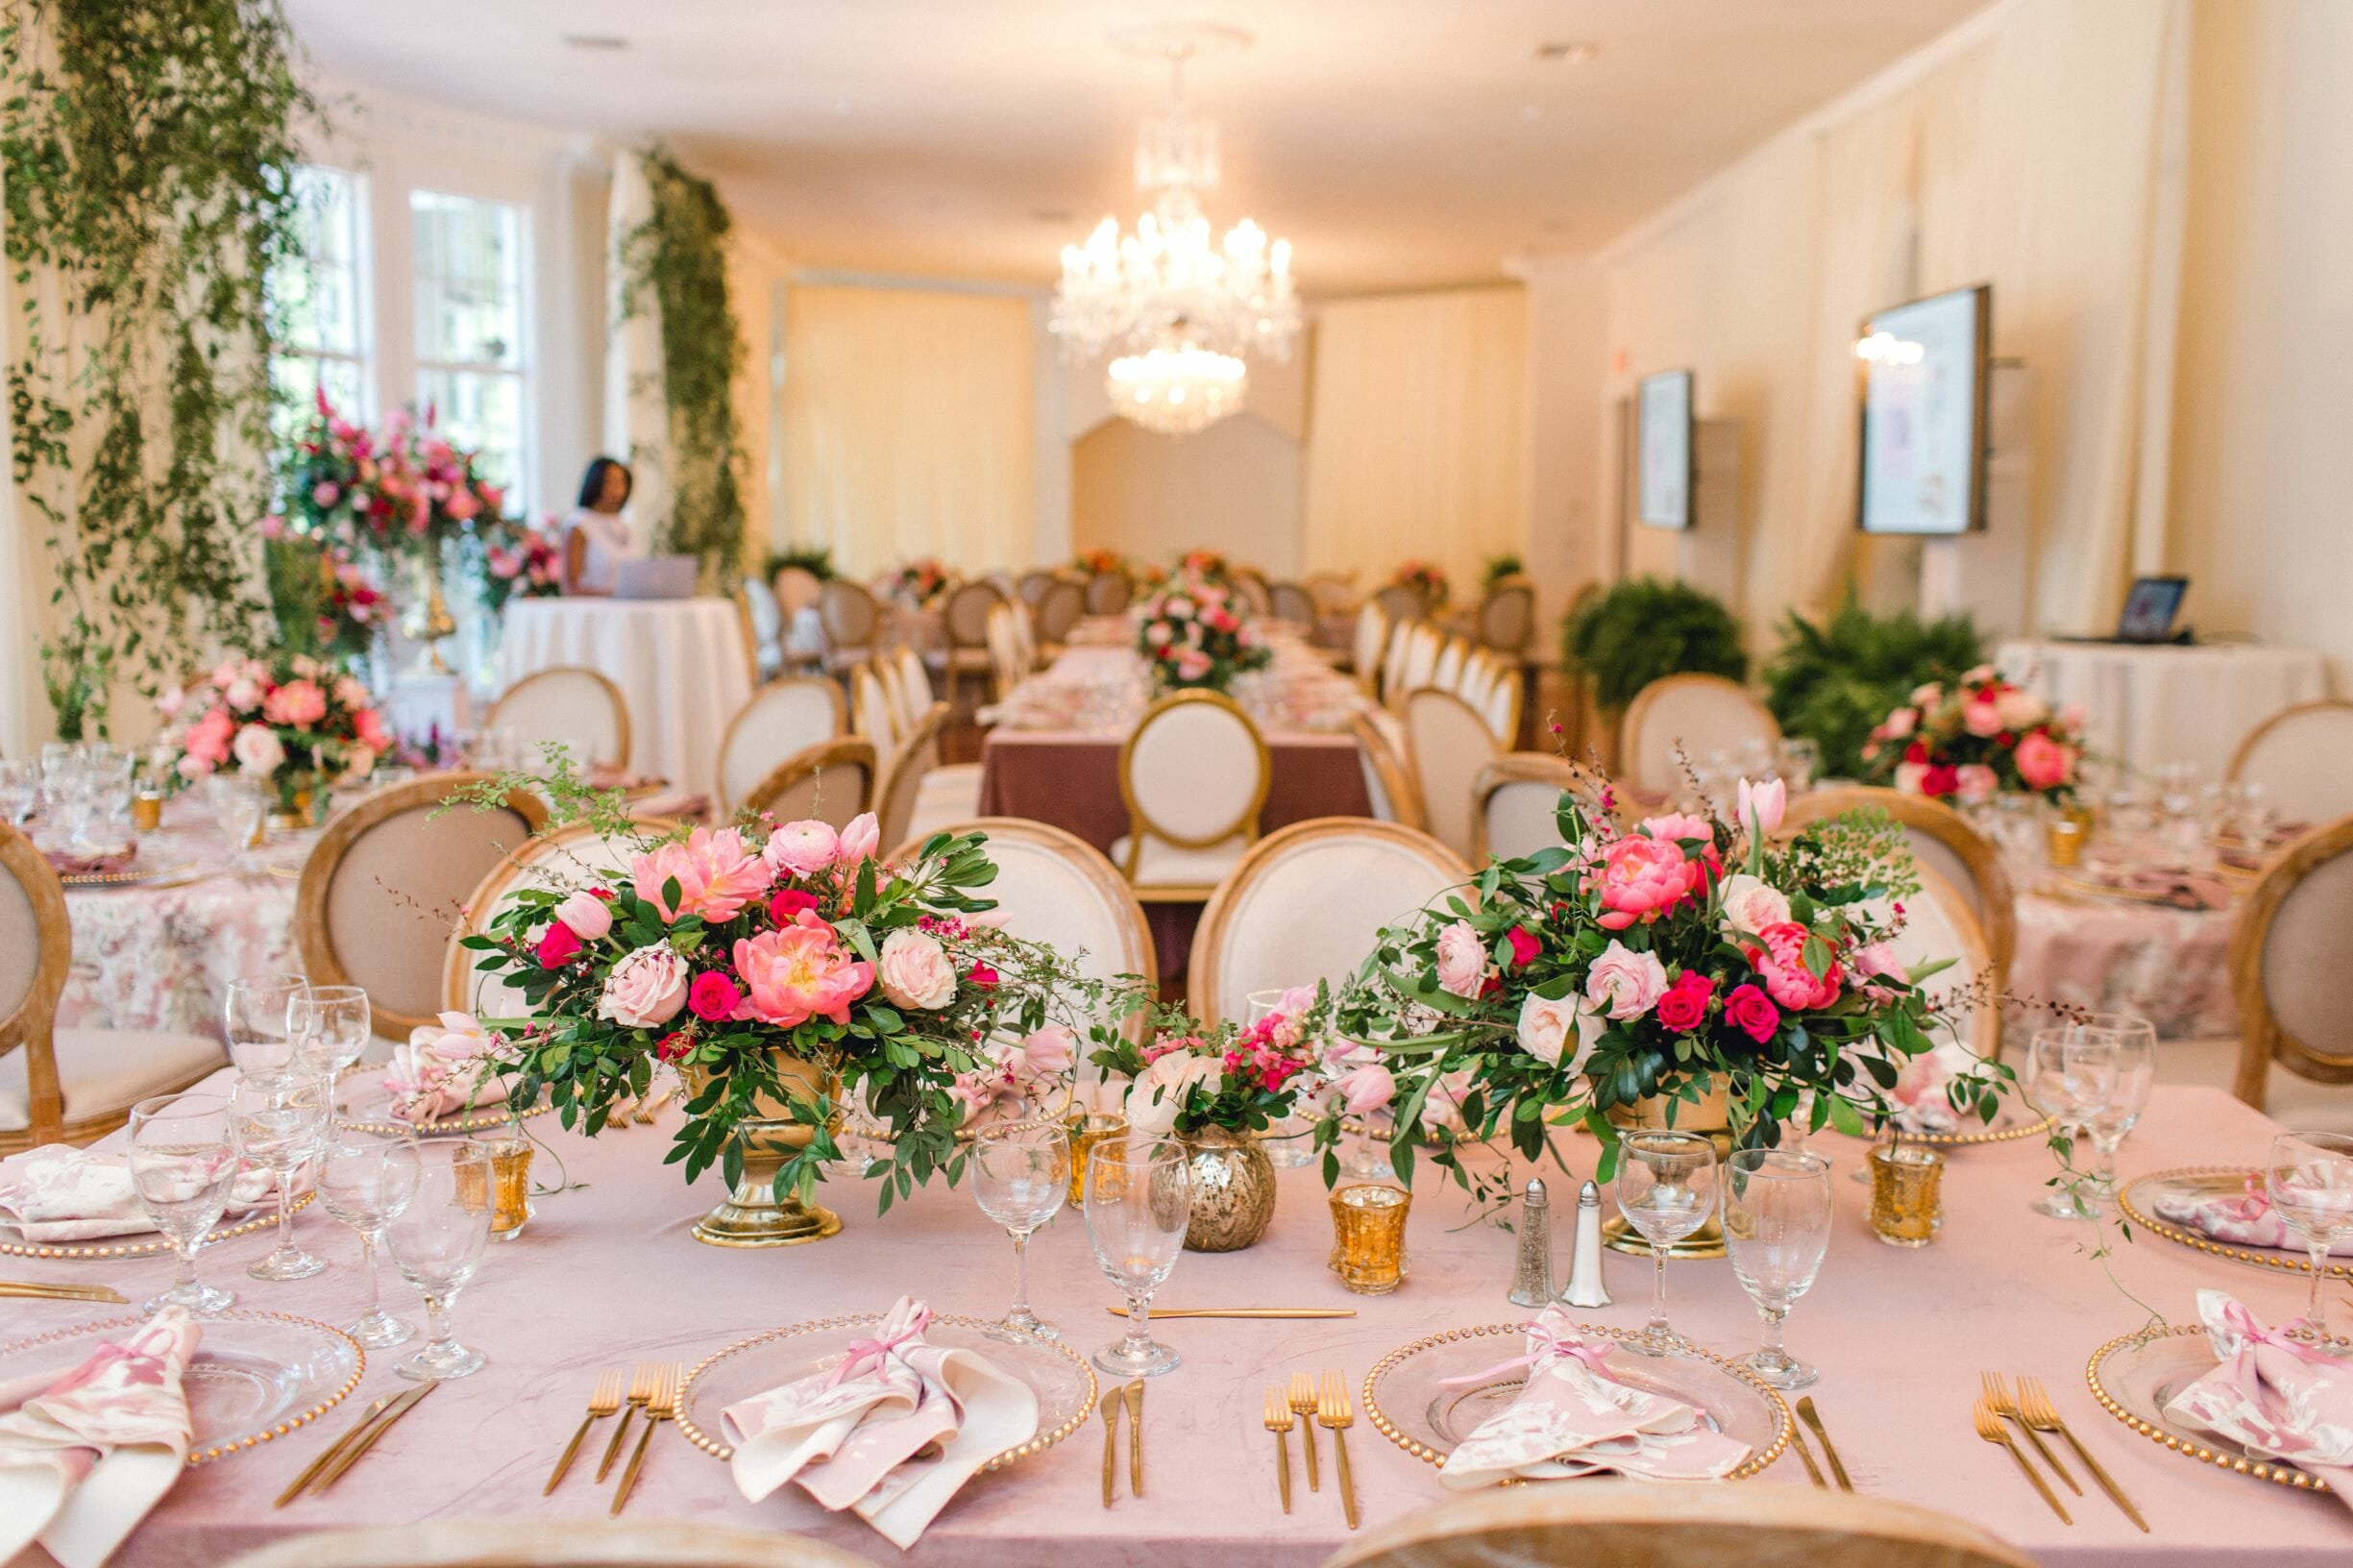 banquet_table-rentals